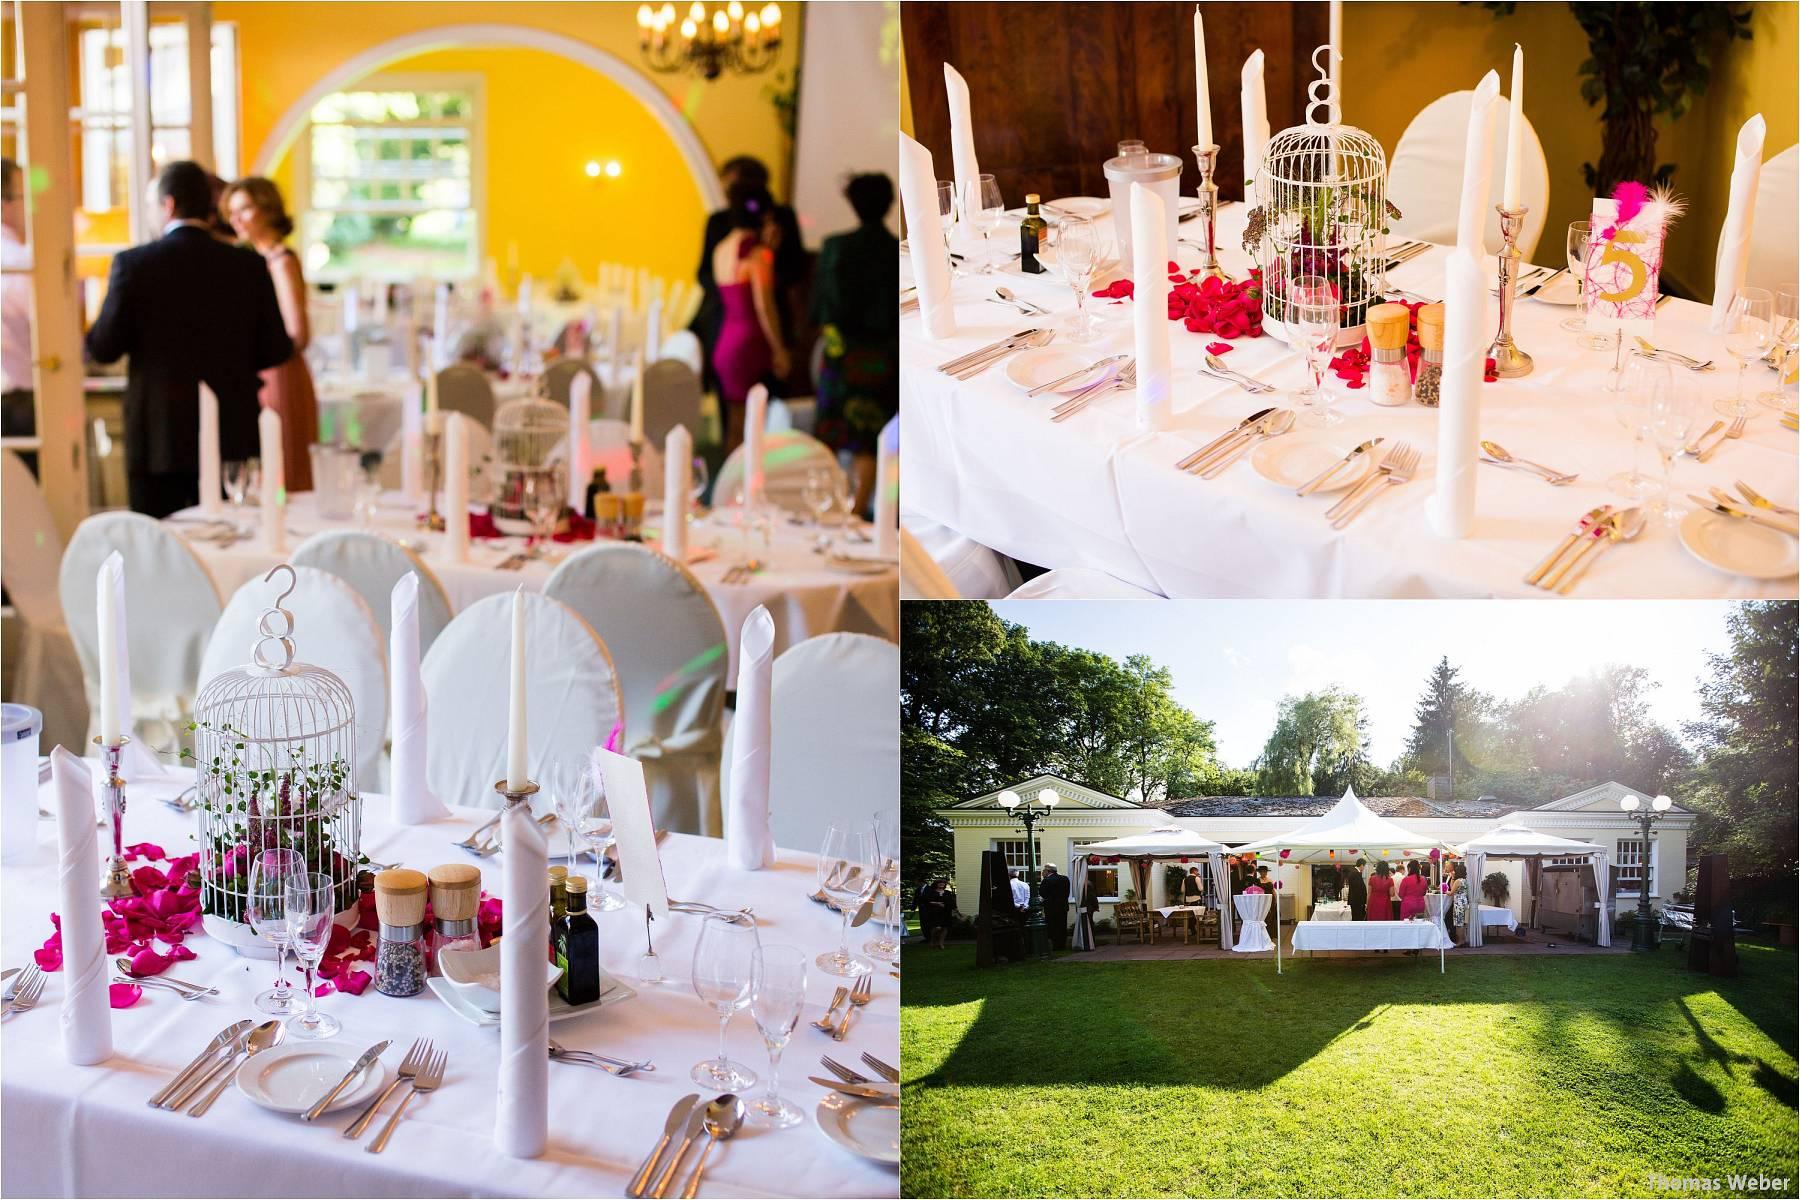 Hochzeitsfotograf Oldenburg: Russische Hochzeit im Standesamt am Pferdemarkt und Hochzeitsfeier im Landhaus Etzhorn (17)